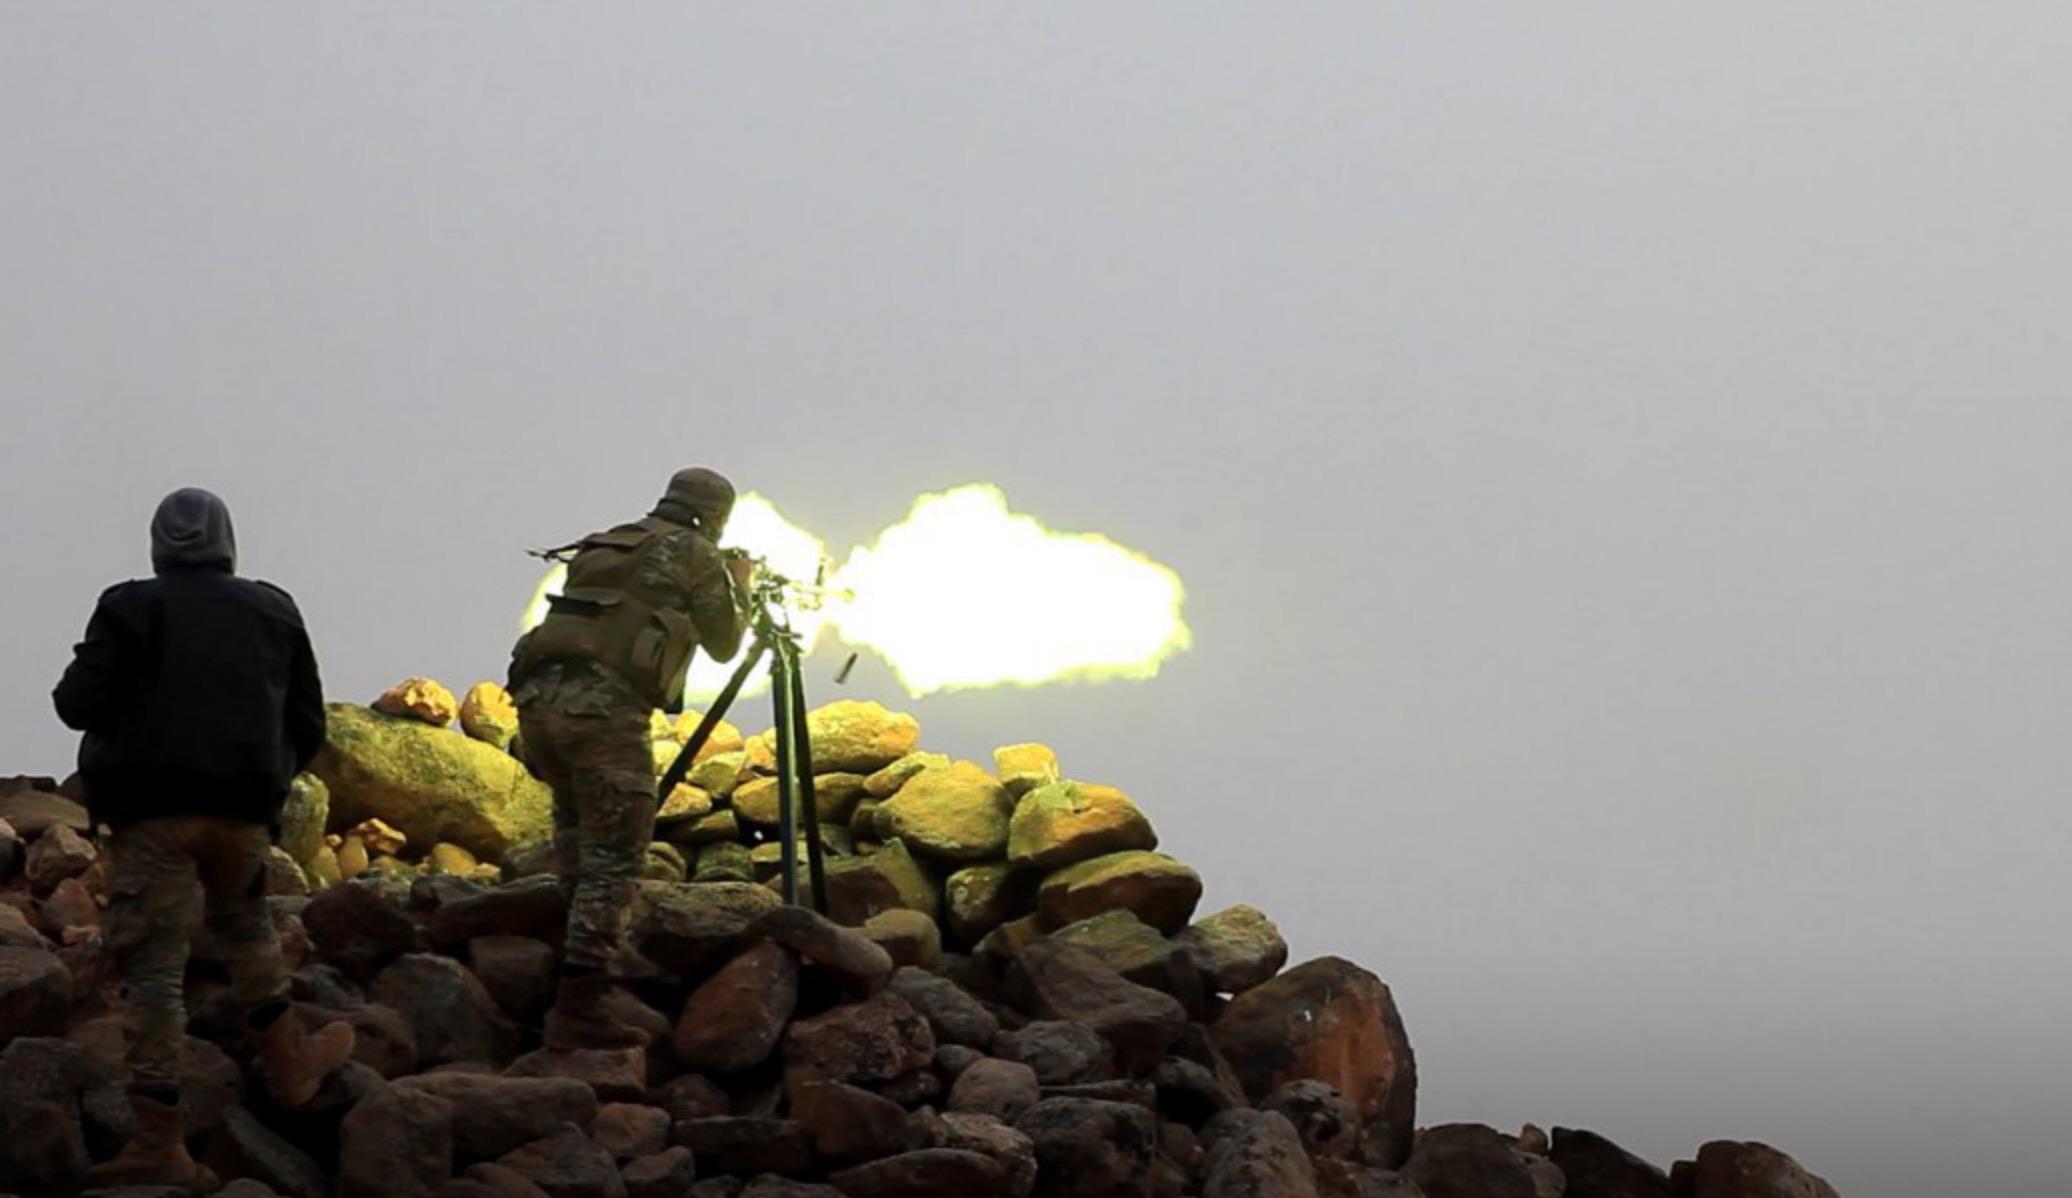 İdlib için saldırıya geçen rejim güçleri büyük kayıp verdi